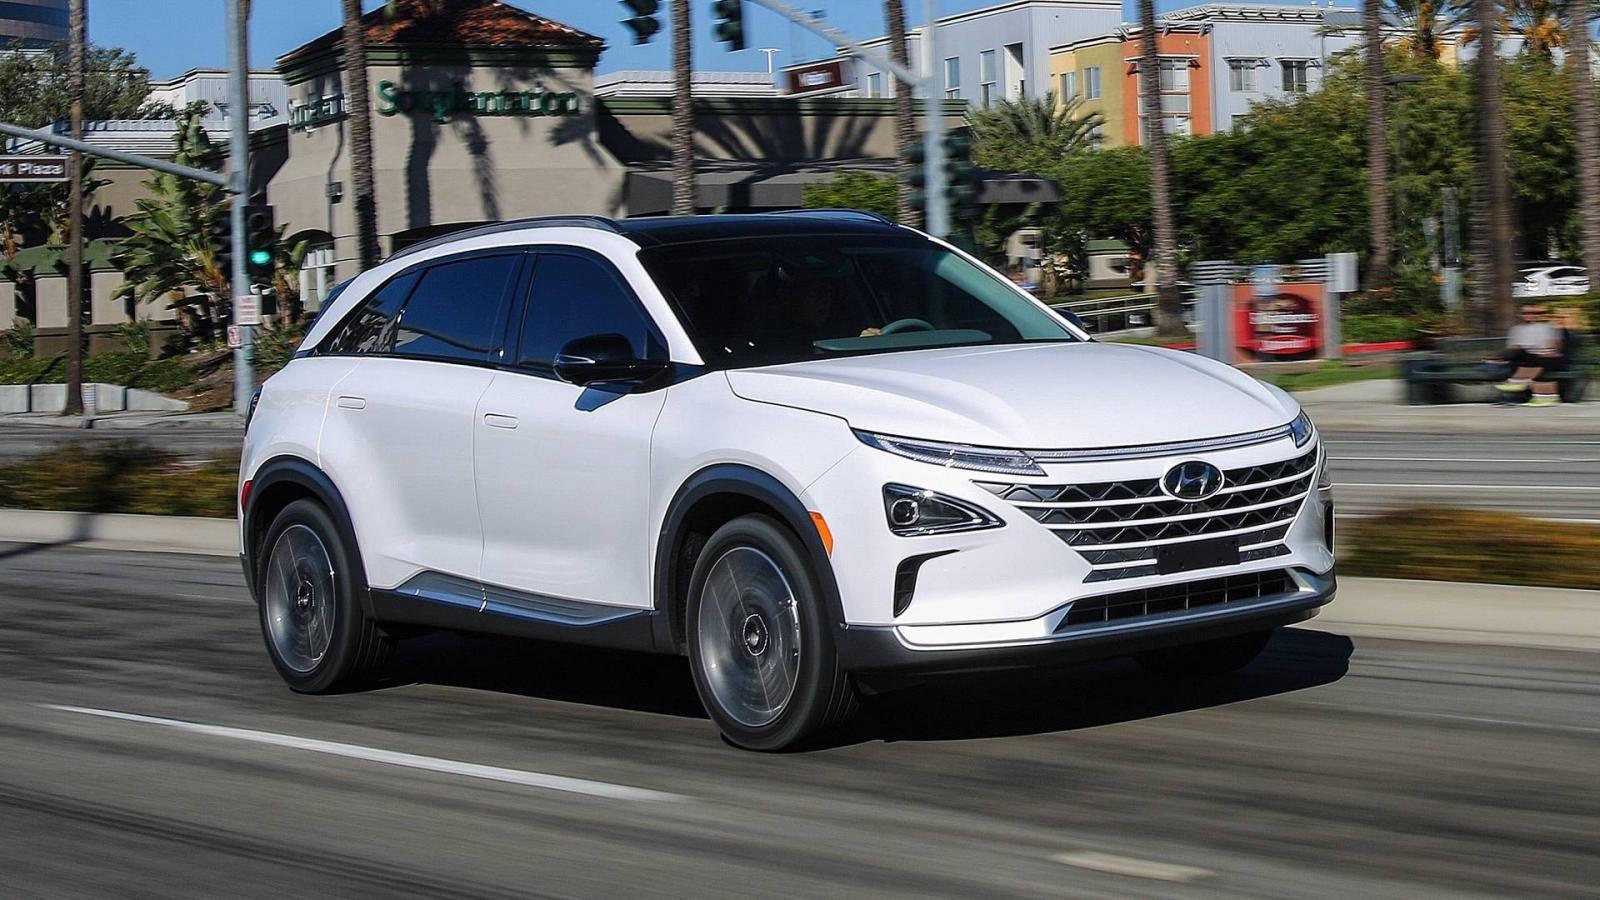 Đánh giá xe Hyundai SantaFe về thiết kế ngoại thât